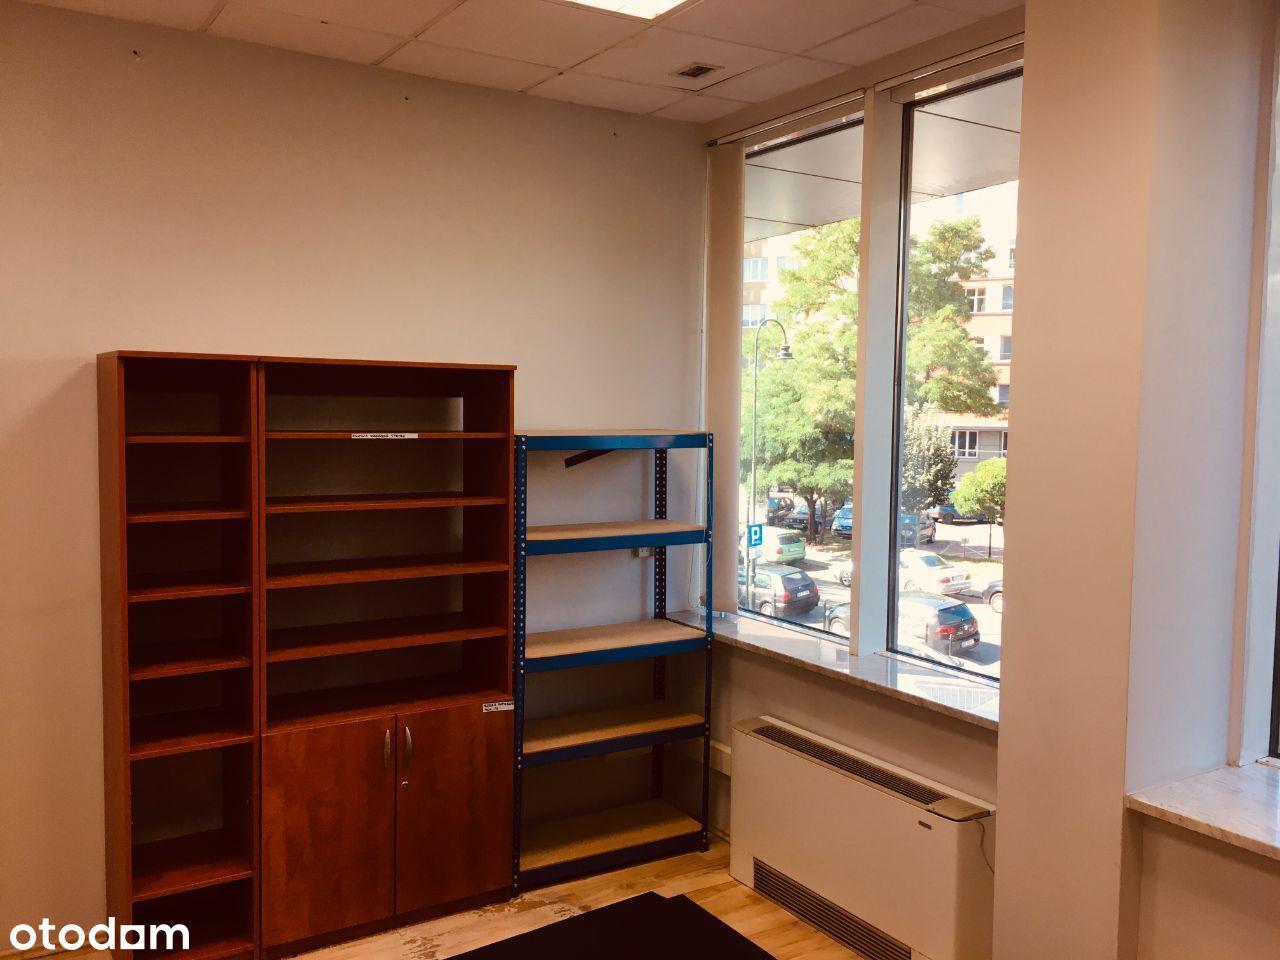 Lokal biurowy 11m² (ul. Zwierzynieckiej)